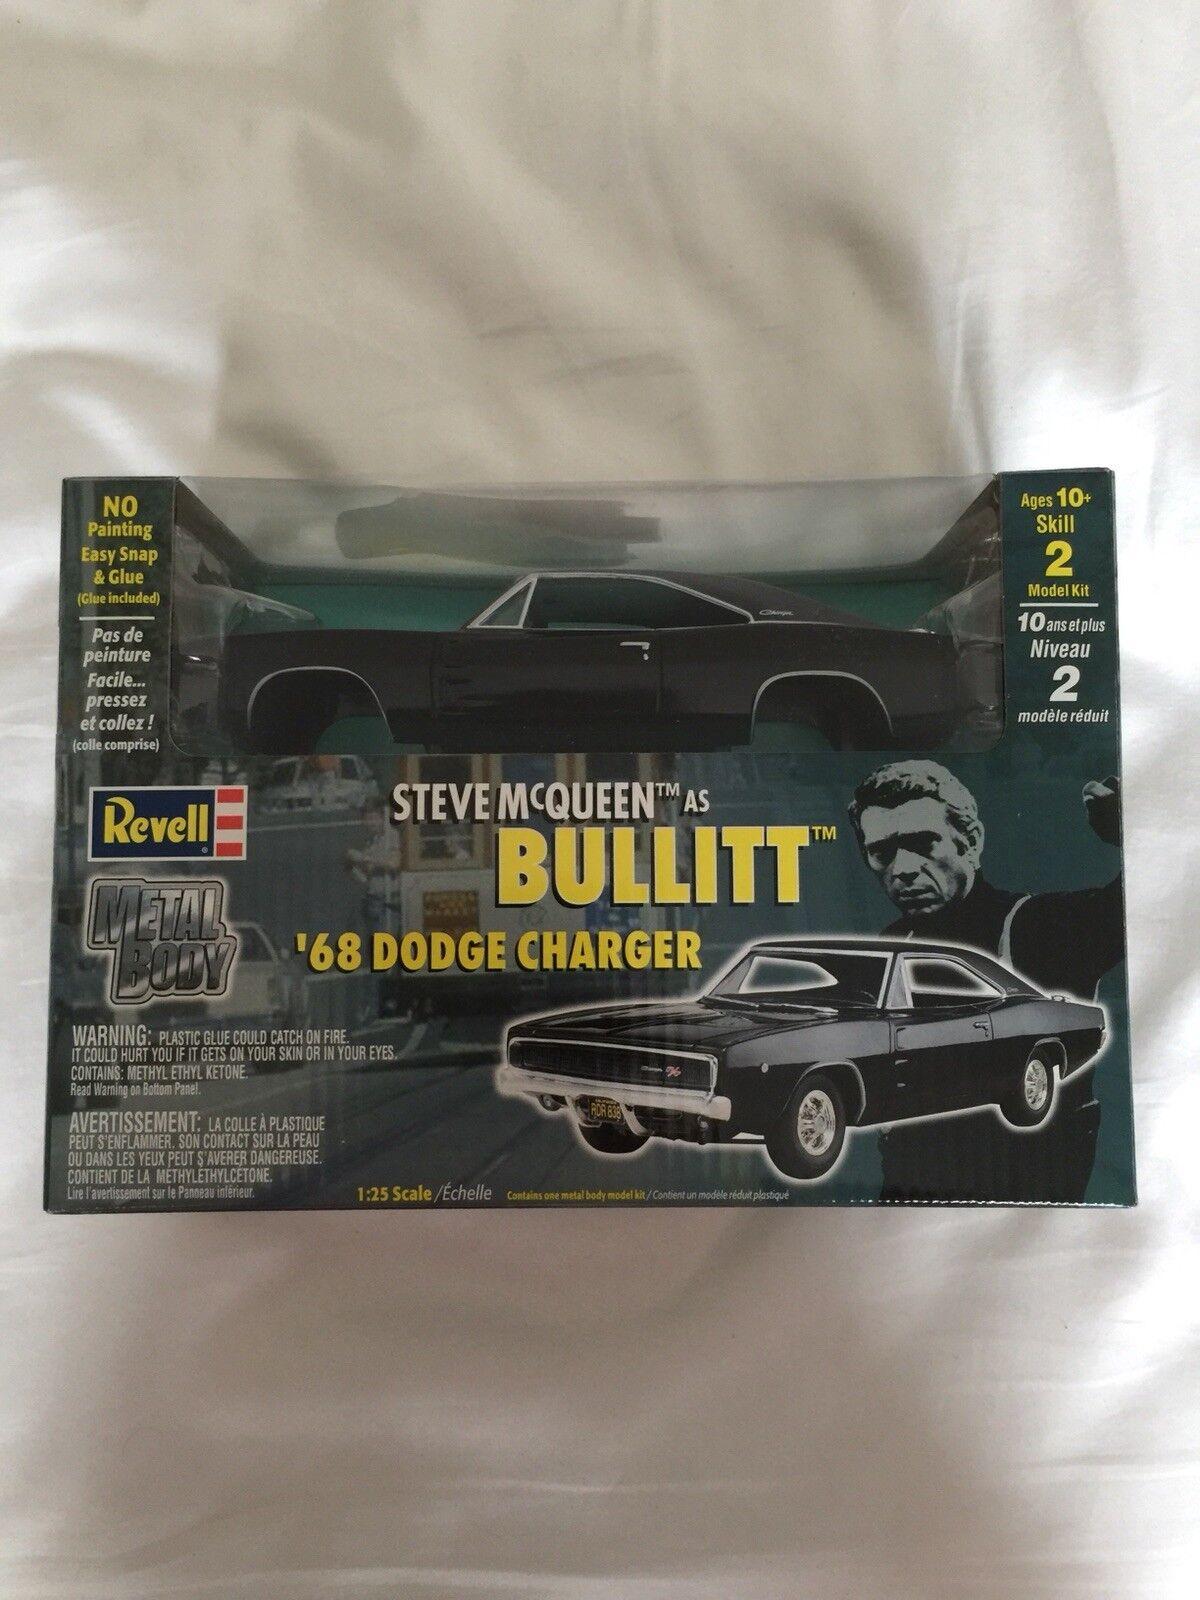 Revell  Steve Mcqueen Bullitt Dodge Charger Metal Kit  prix bas 40%